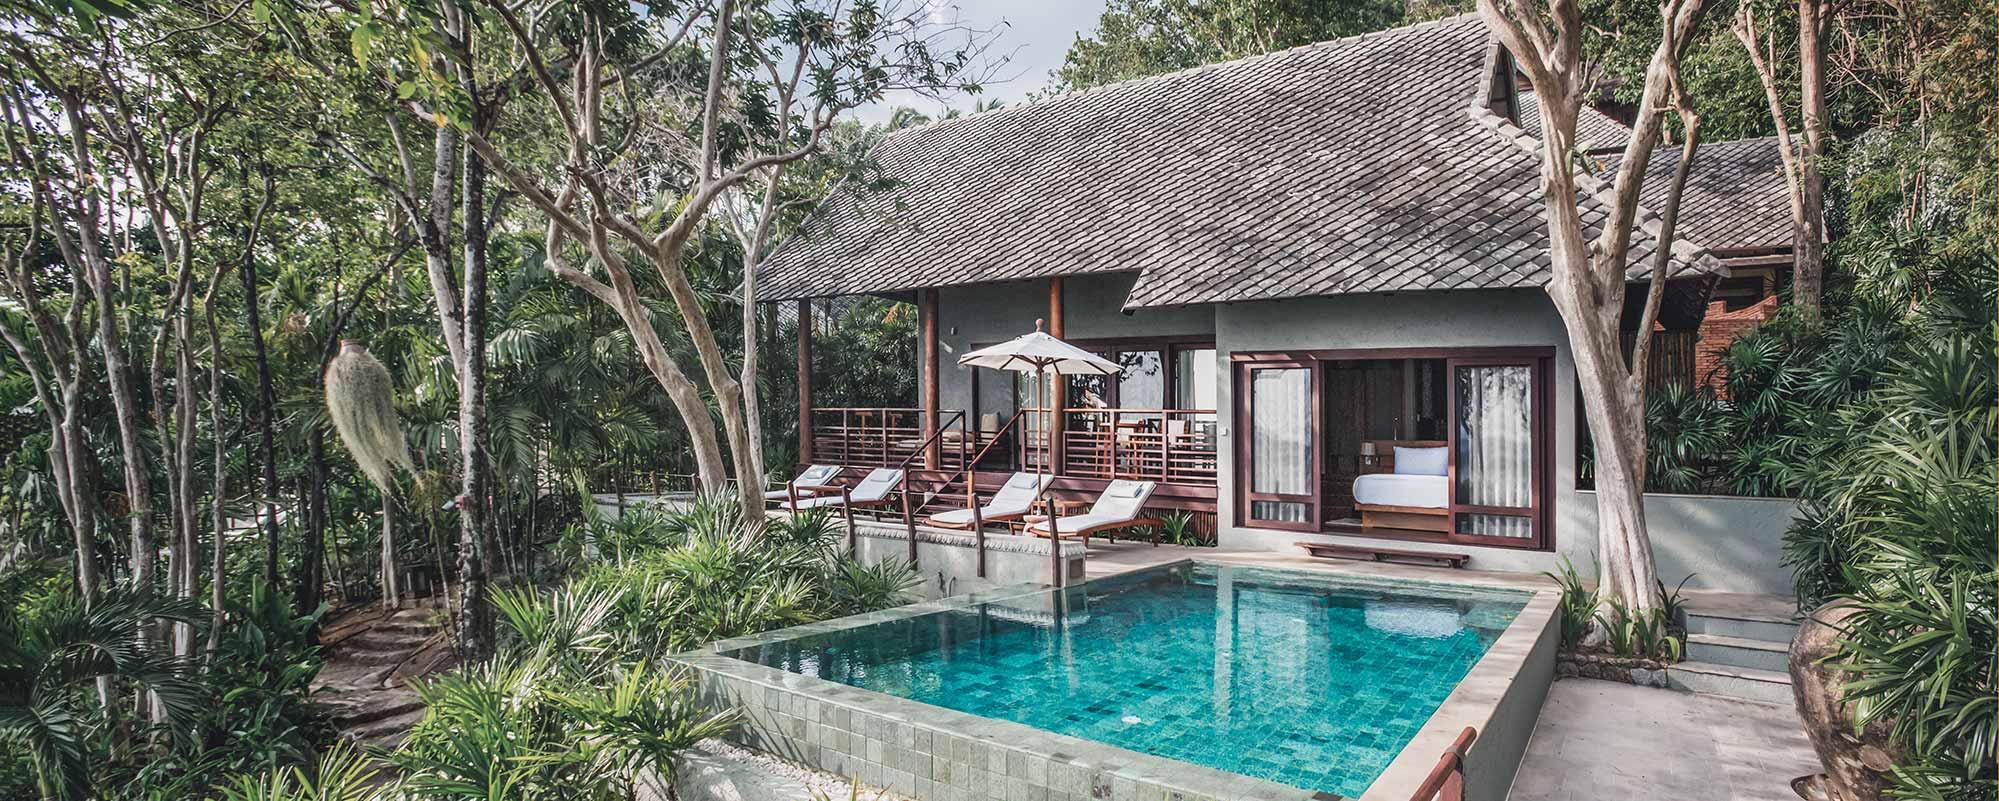 Rocktop Luxury Pool Villa Koh Samui Thailand